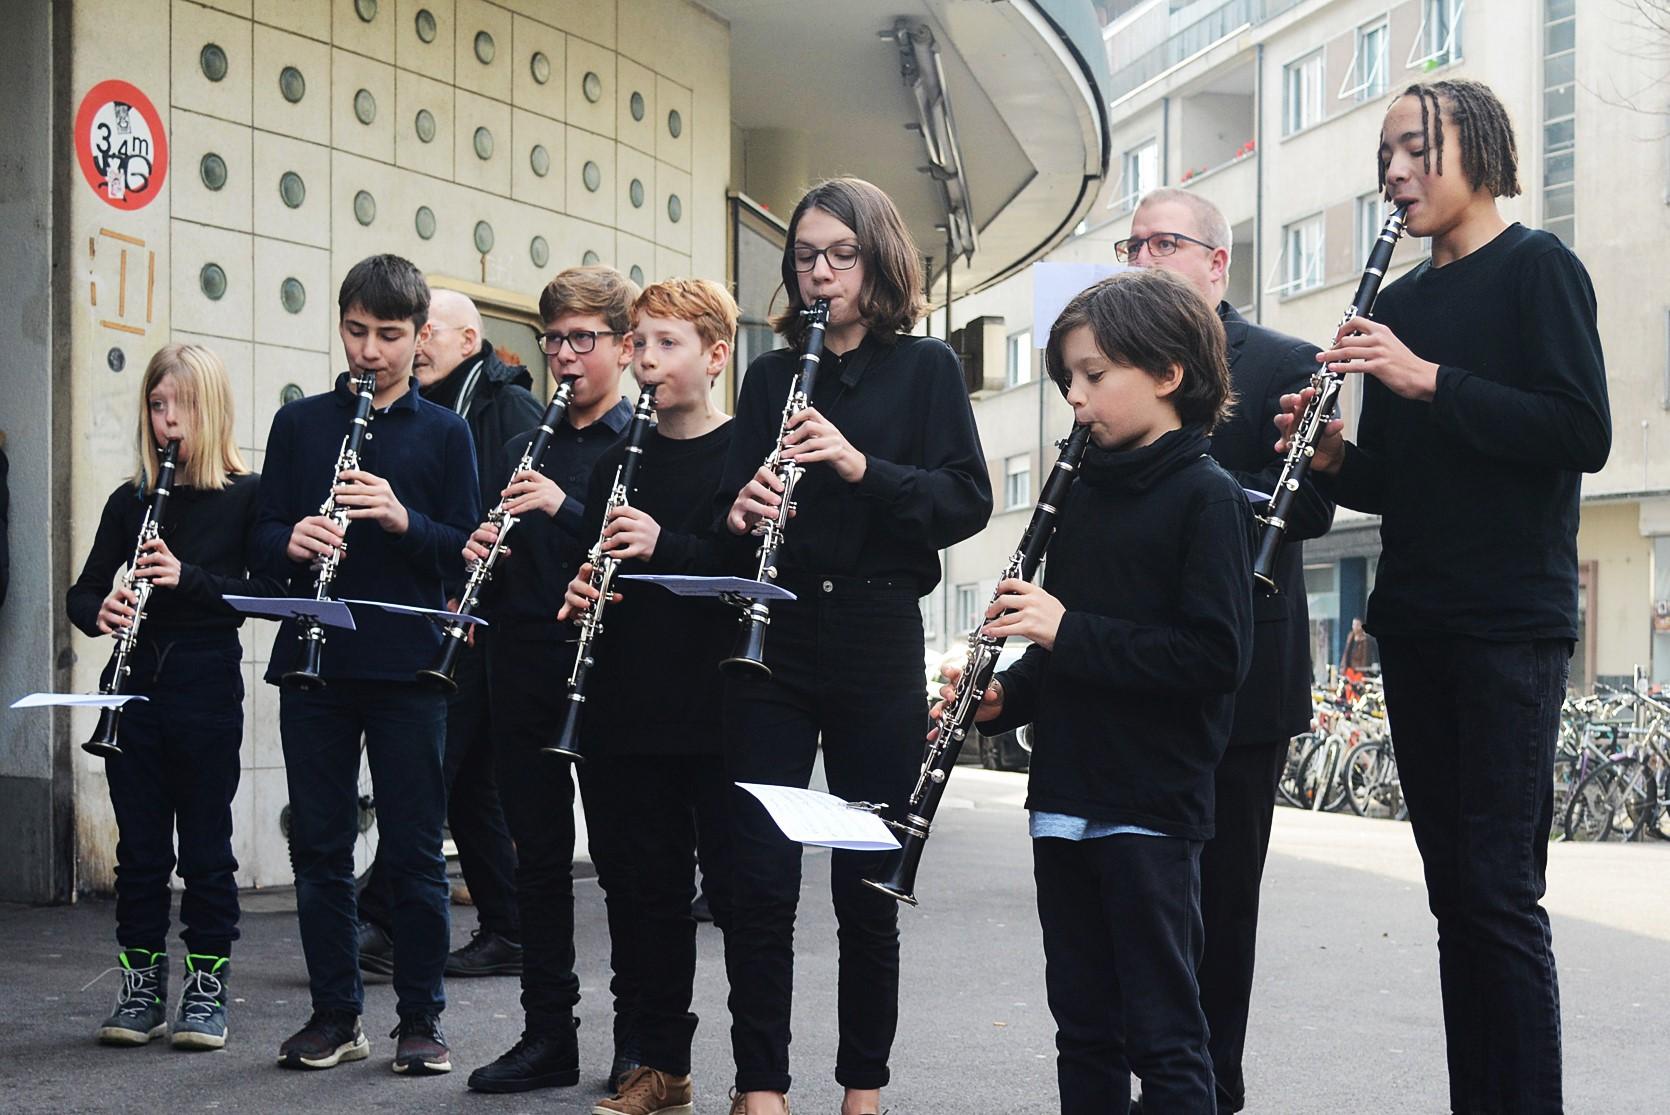 Das Klarinettensemble der Musikschule Biel spielt vor dem Volkshaus.